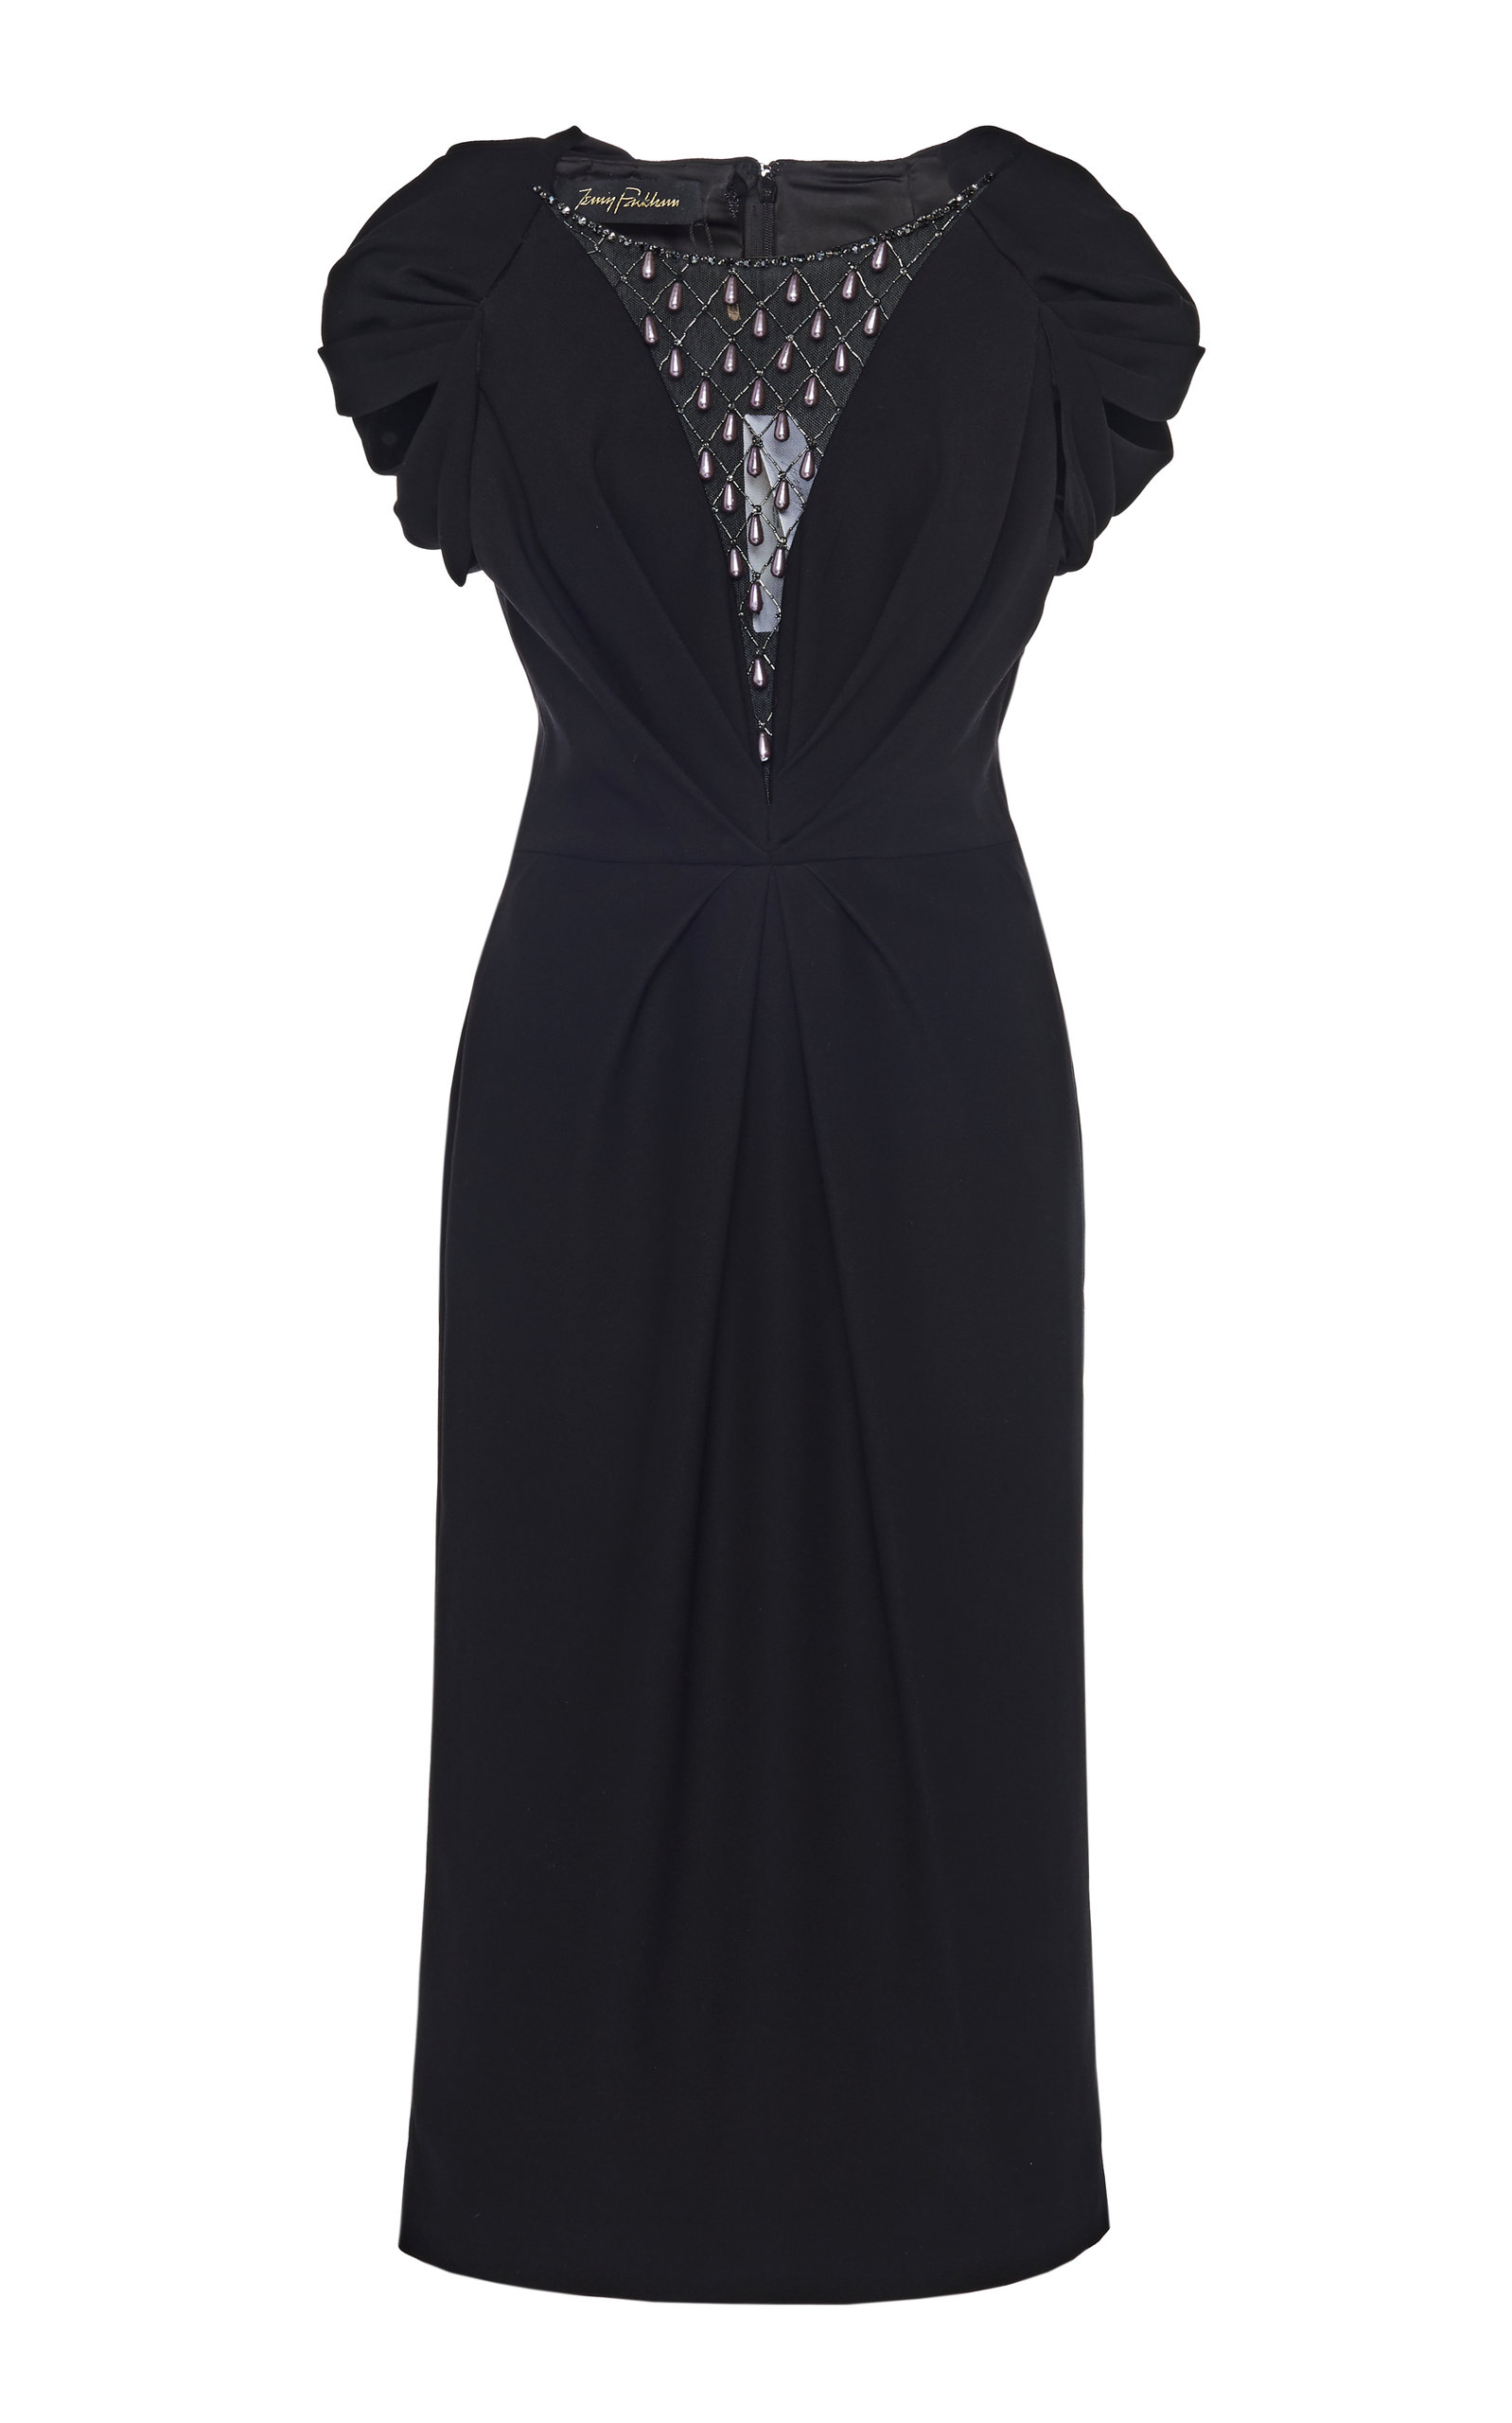 Buy Jenny Packham Ruched Teardrop-Embellished Crepe Dress online, shop Jenny Packham at the best price